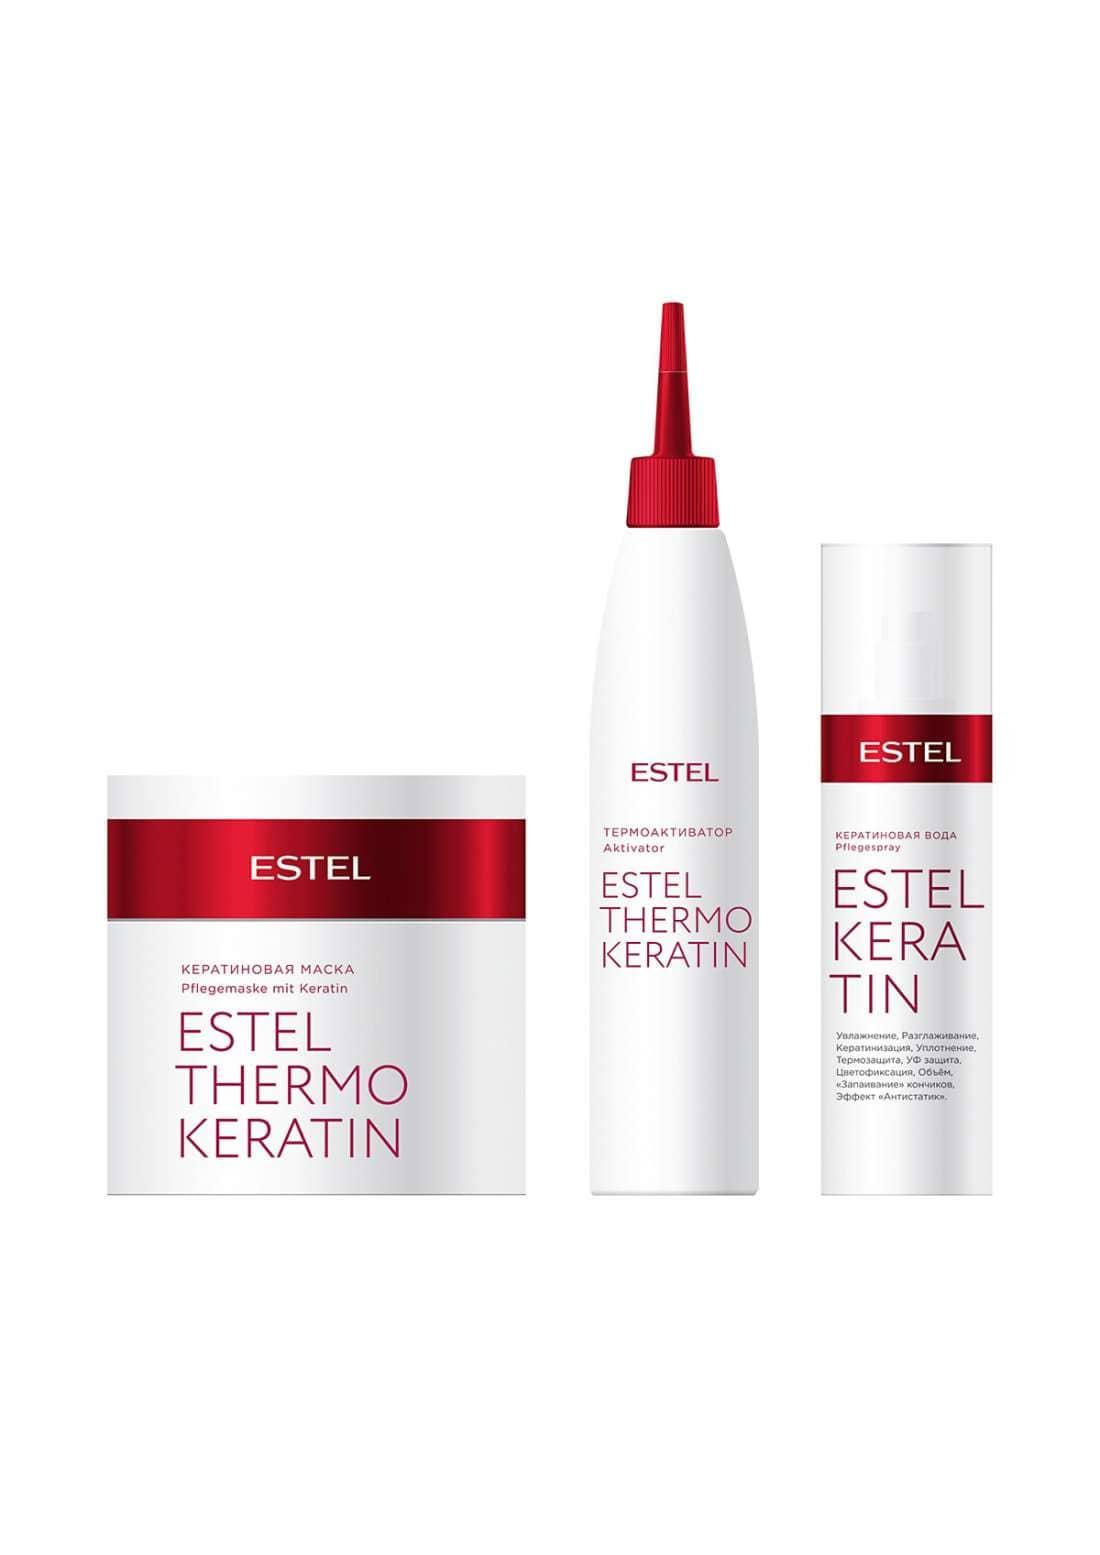 Фирма estel изготавливает качественные косметические средства по уходу за волосами